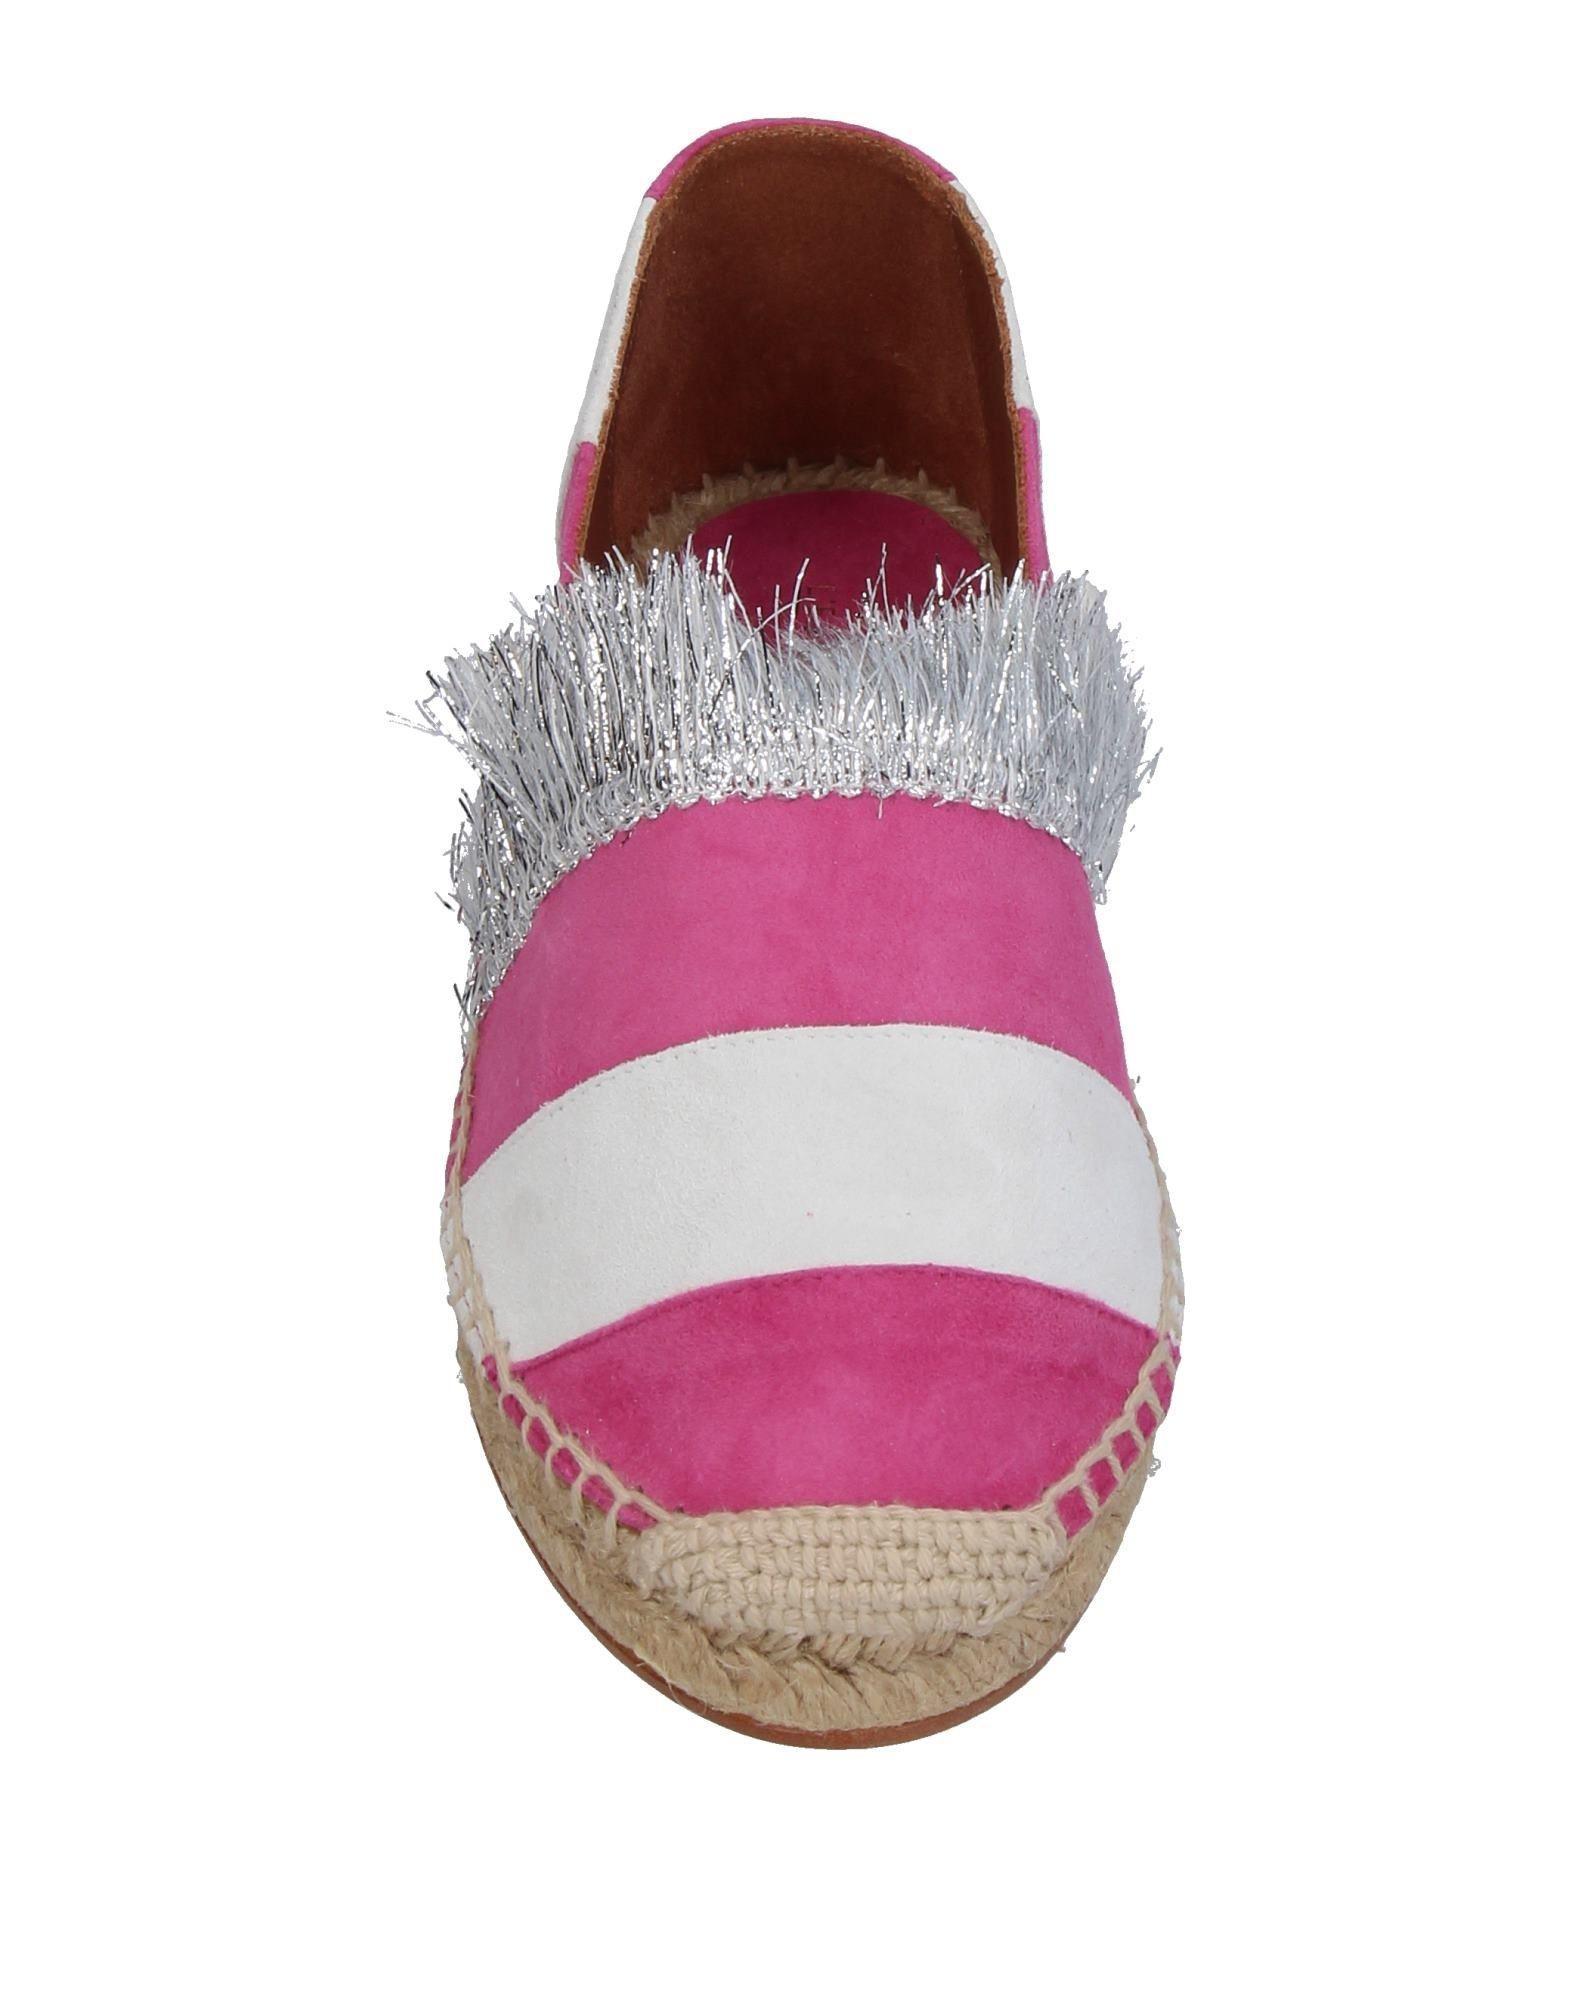 L'f Chaussures Espadrilles vVkJA7J